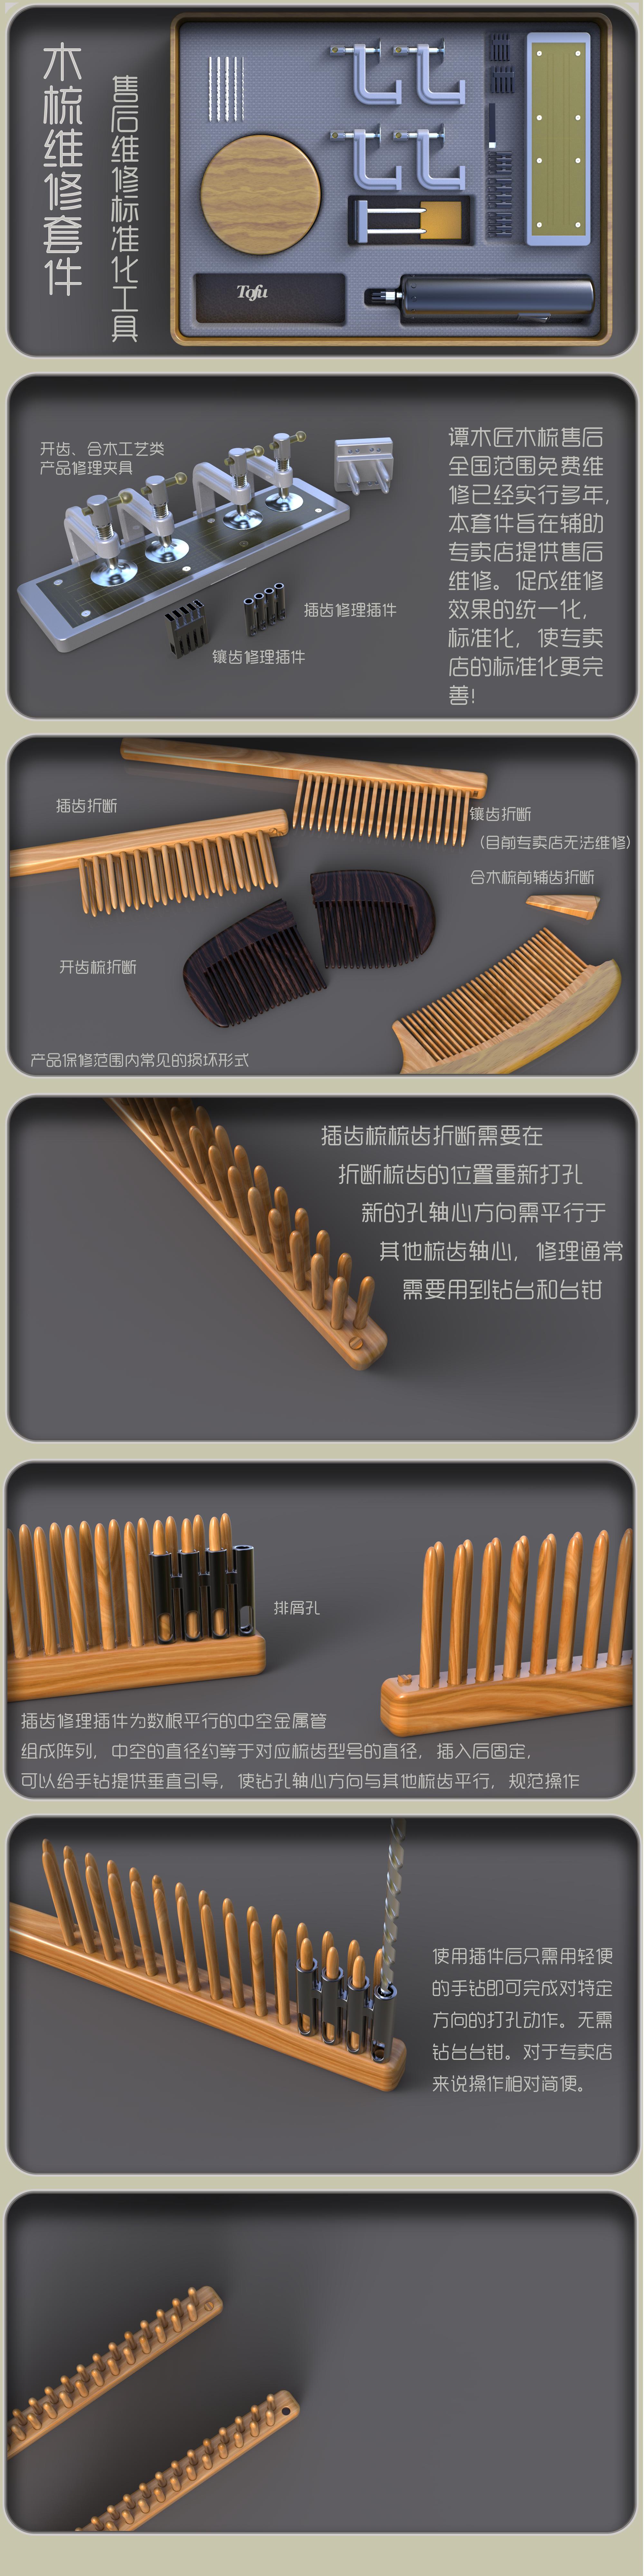 查看《木梳标准化维修套件》原图,原图尺寸:2000x8000